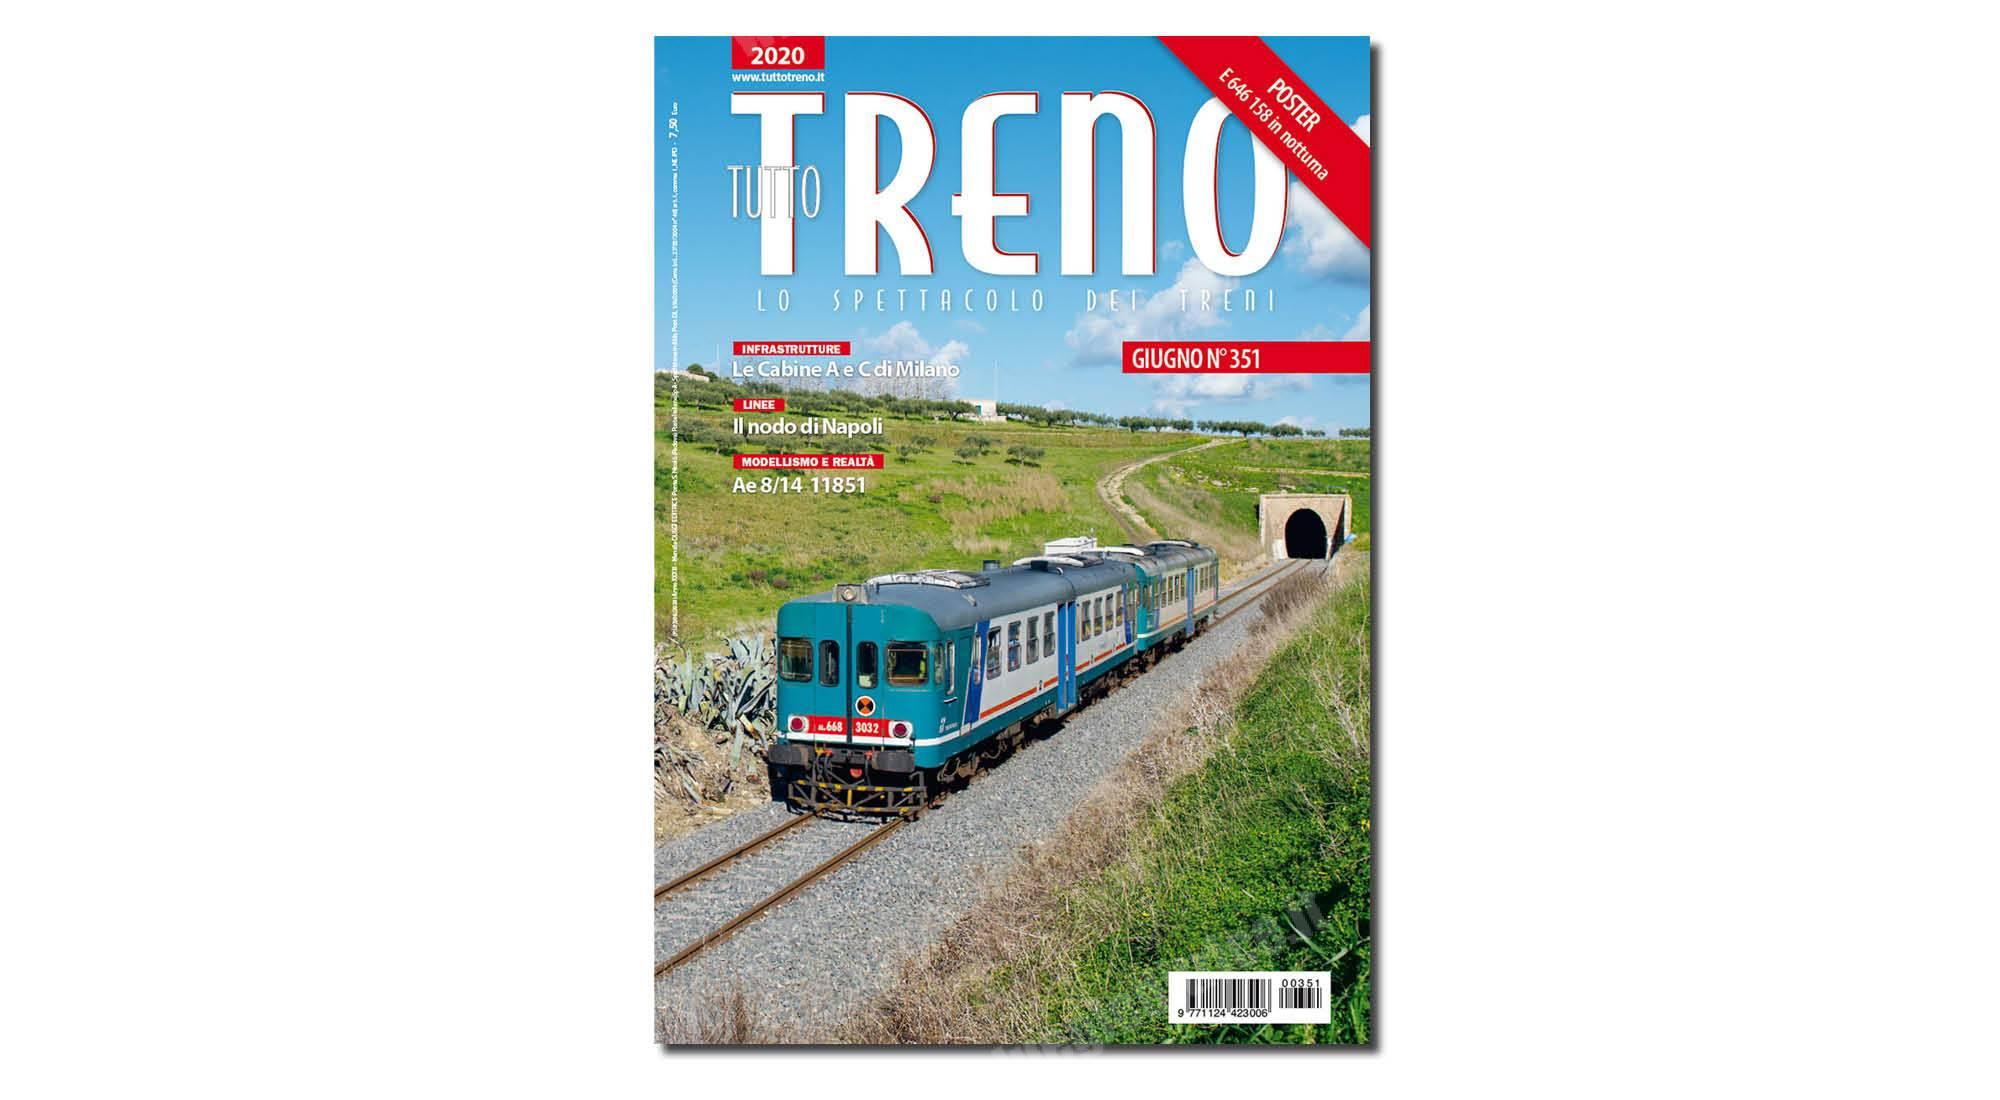 tT351-copertina-ok